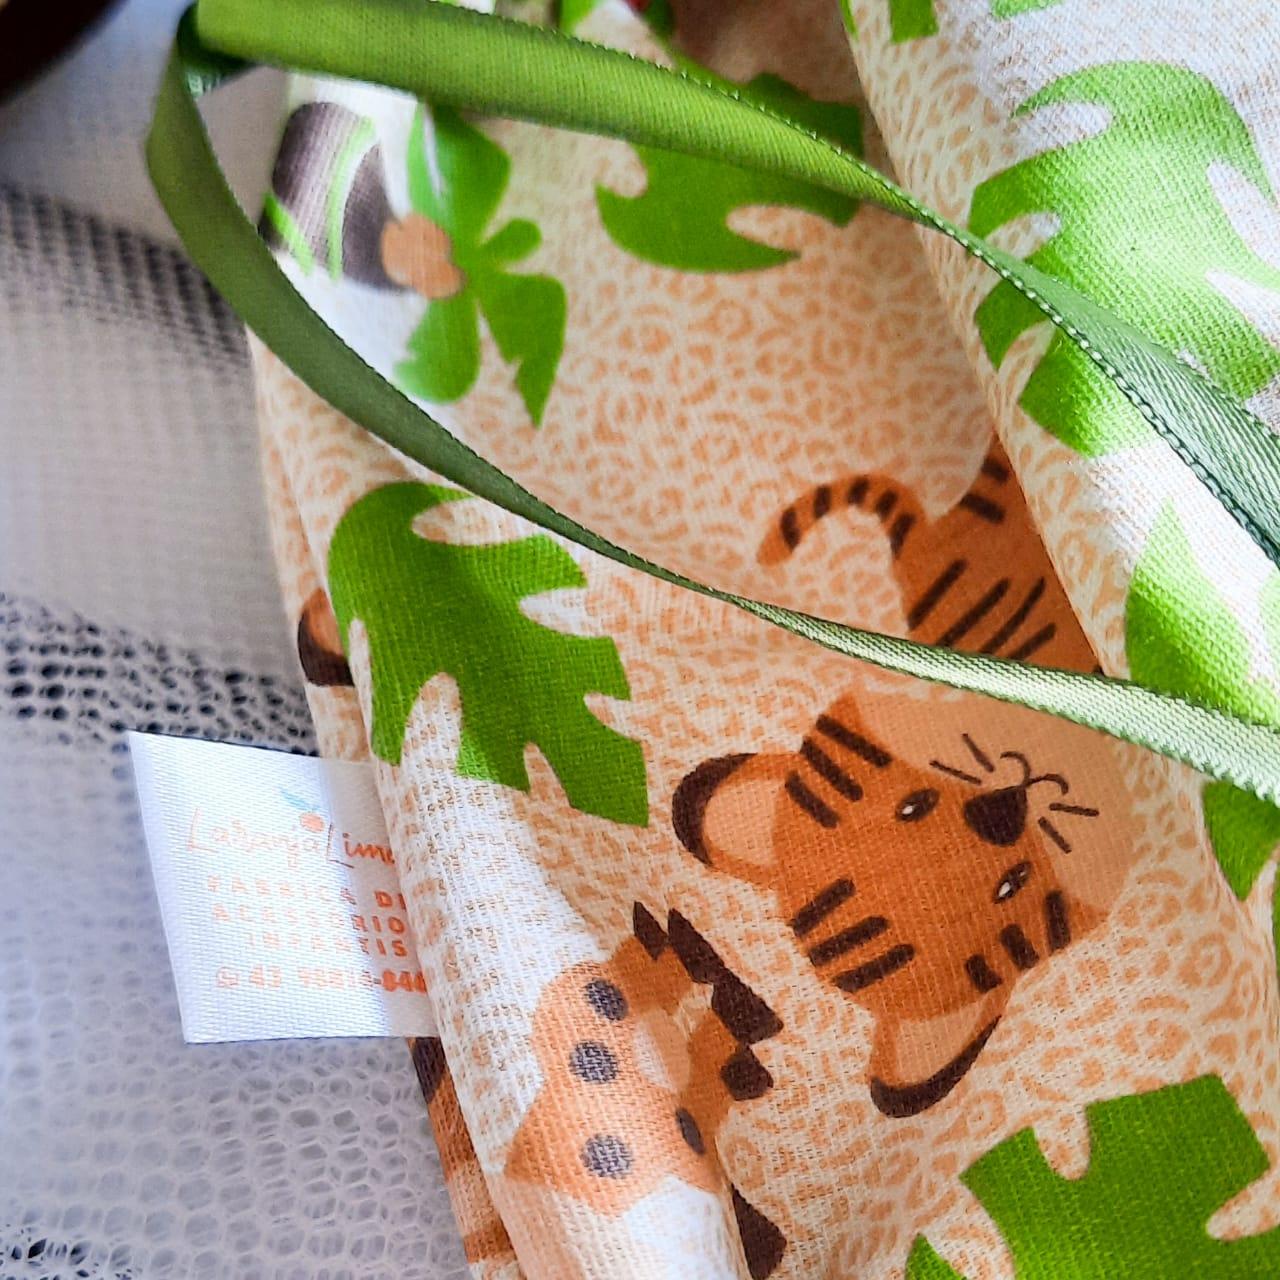 Kit saquinhos maternidade + case carteira de vacina + saquinho roupa suja